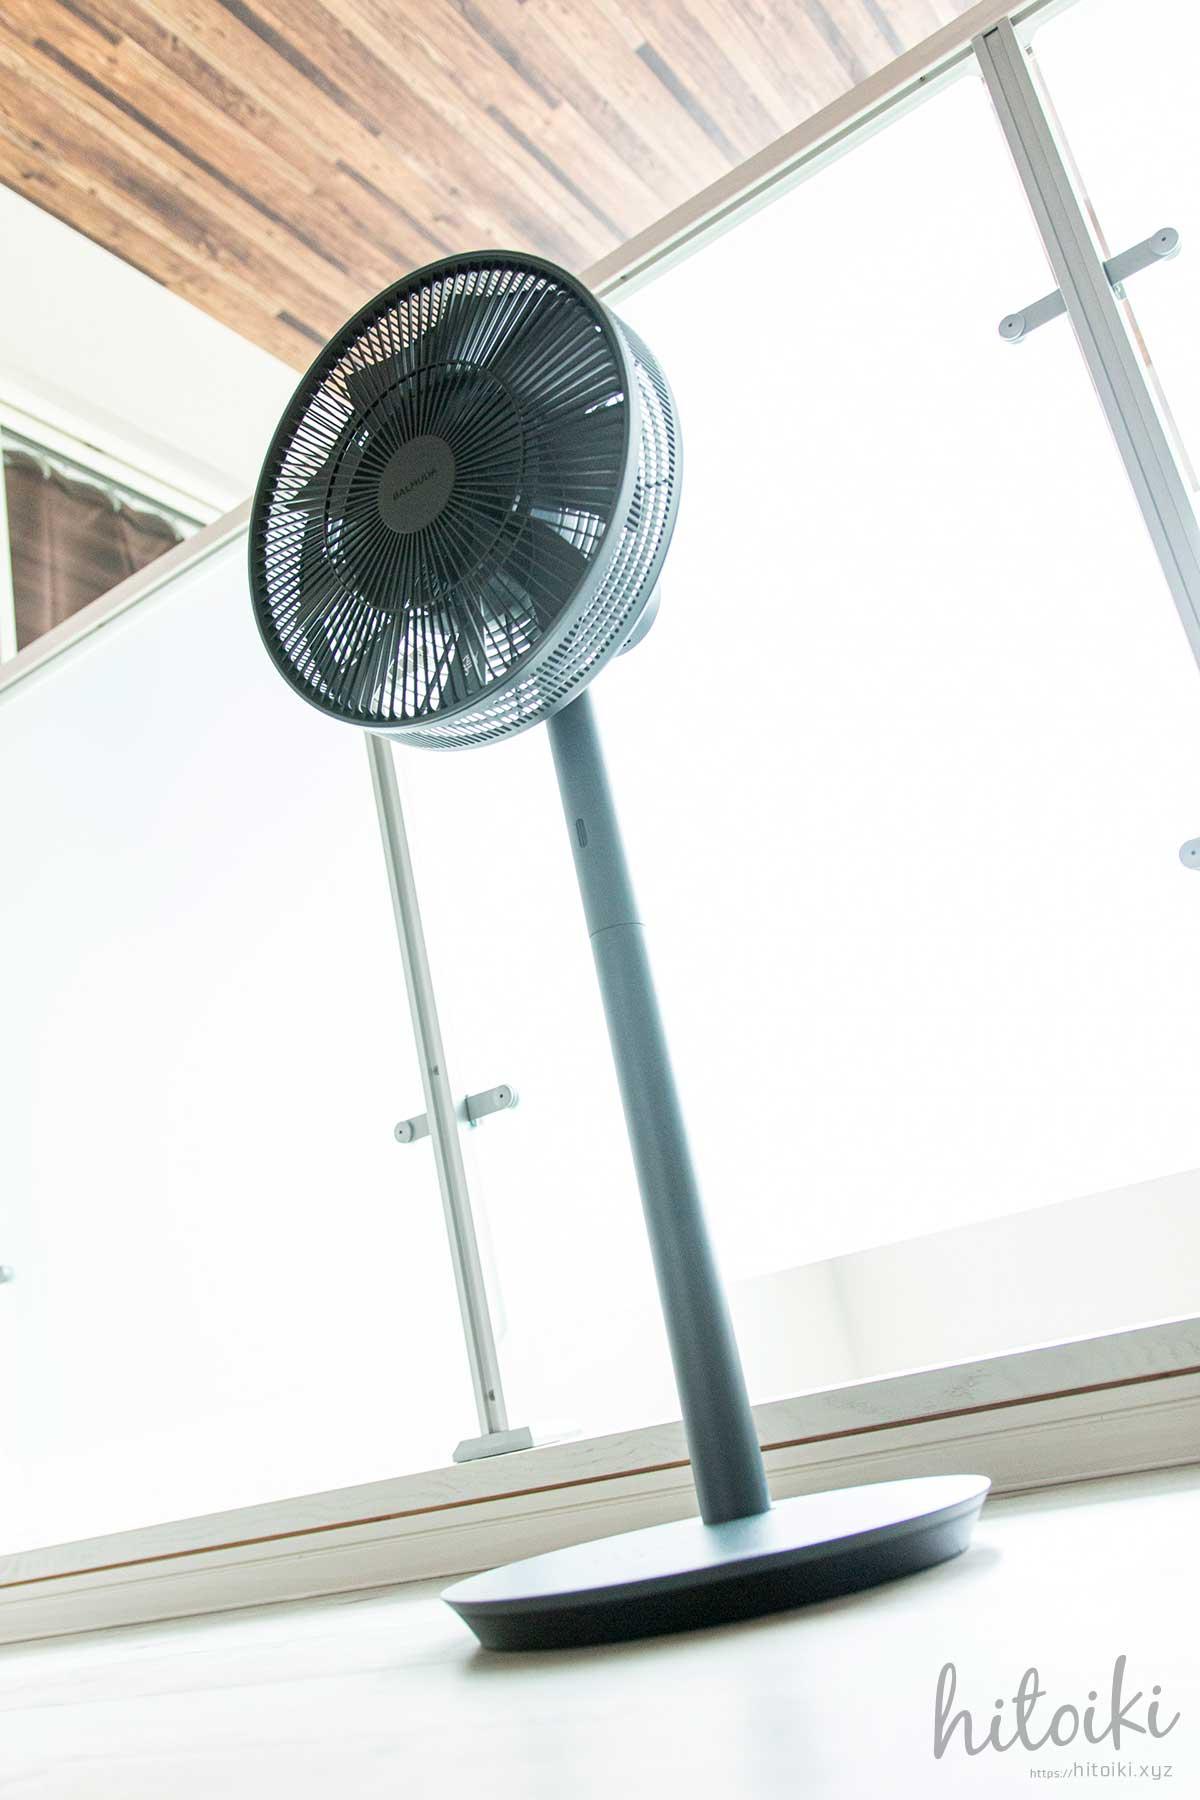 バルミューダのThe GreenFan2020年モデルは買って正解!人気扇風機のレビュー・評価・評判をまとめた! balmuda_greenfan_egf-1700-dk_img_2087